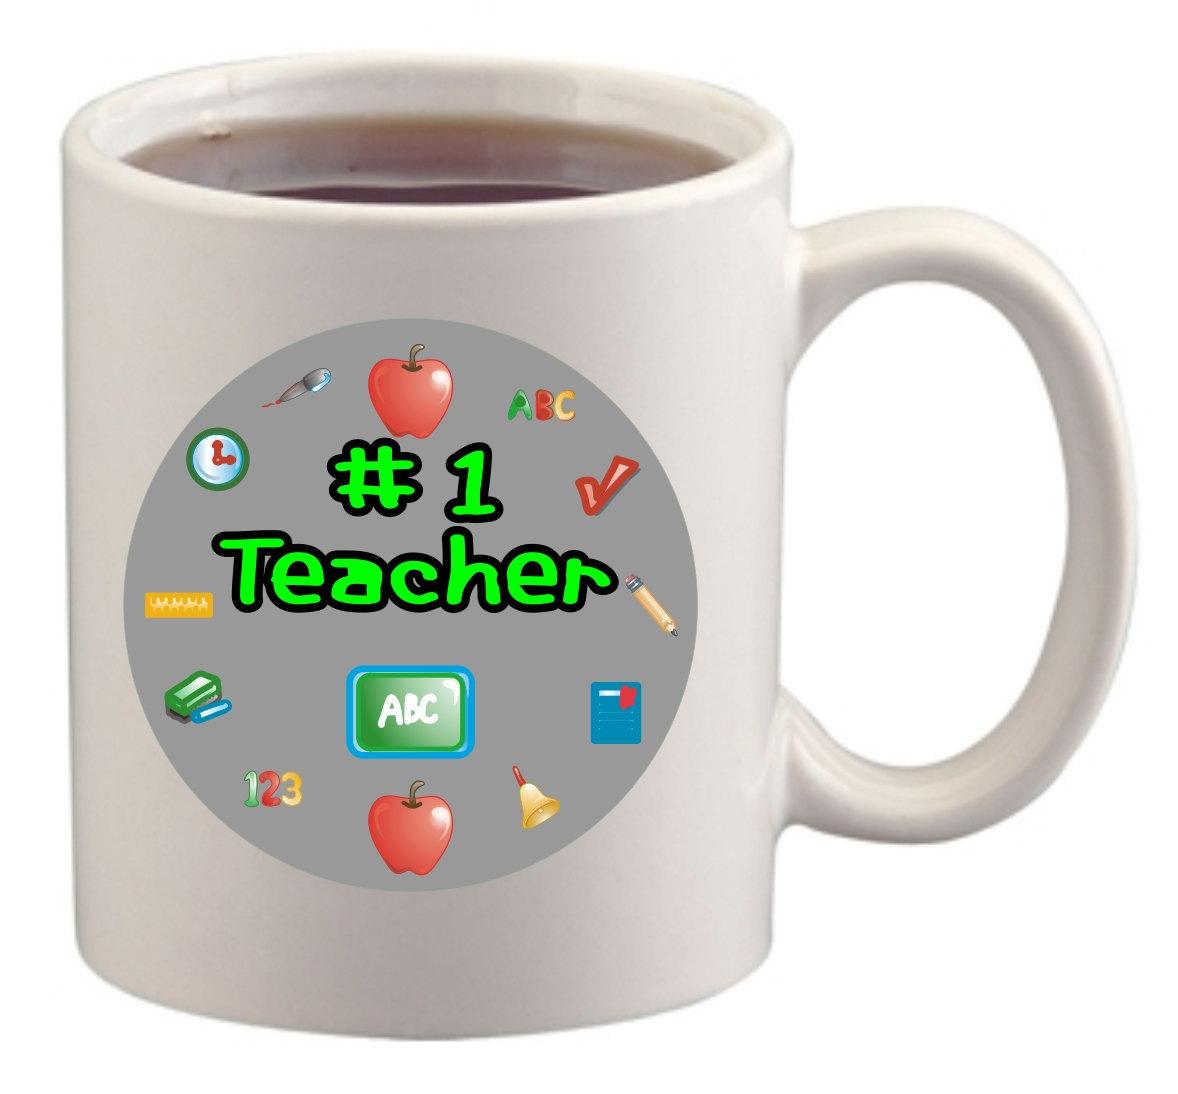 Number One Teacher Mug/Cup - $14.60